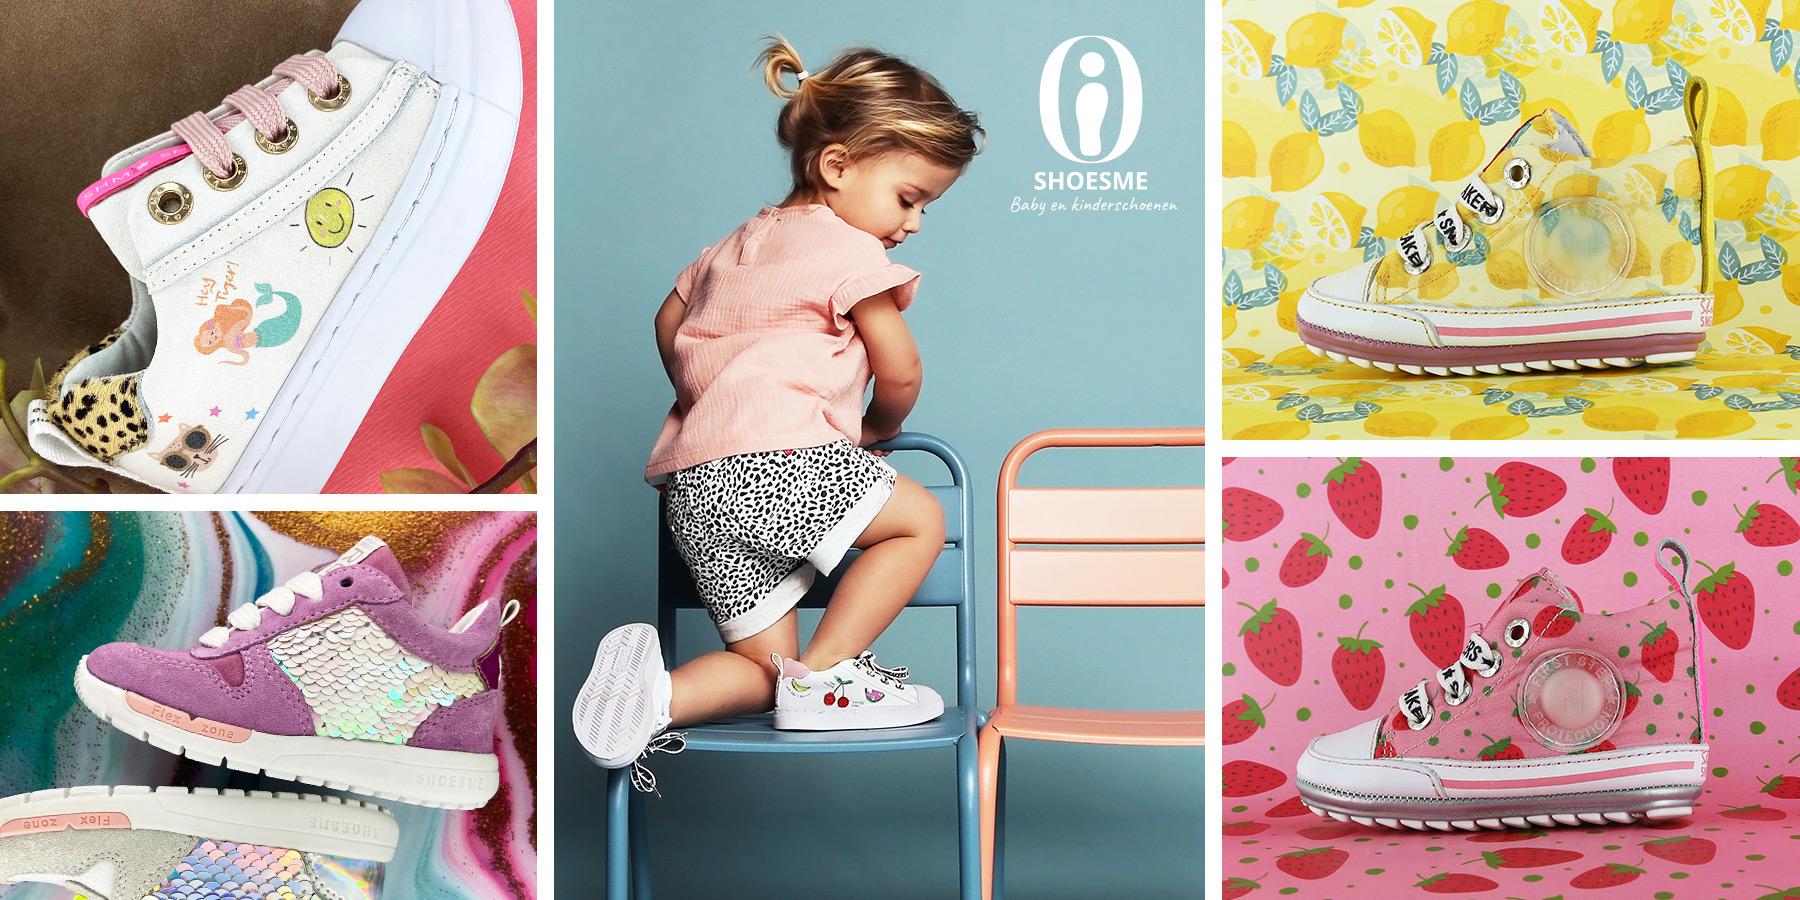 Shoesme schoenen met prints